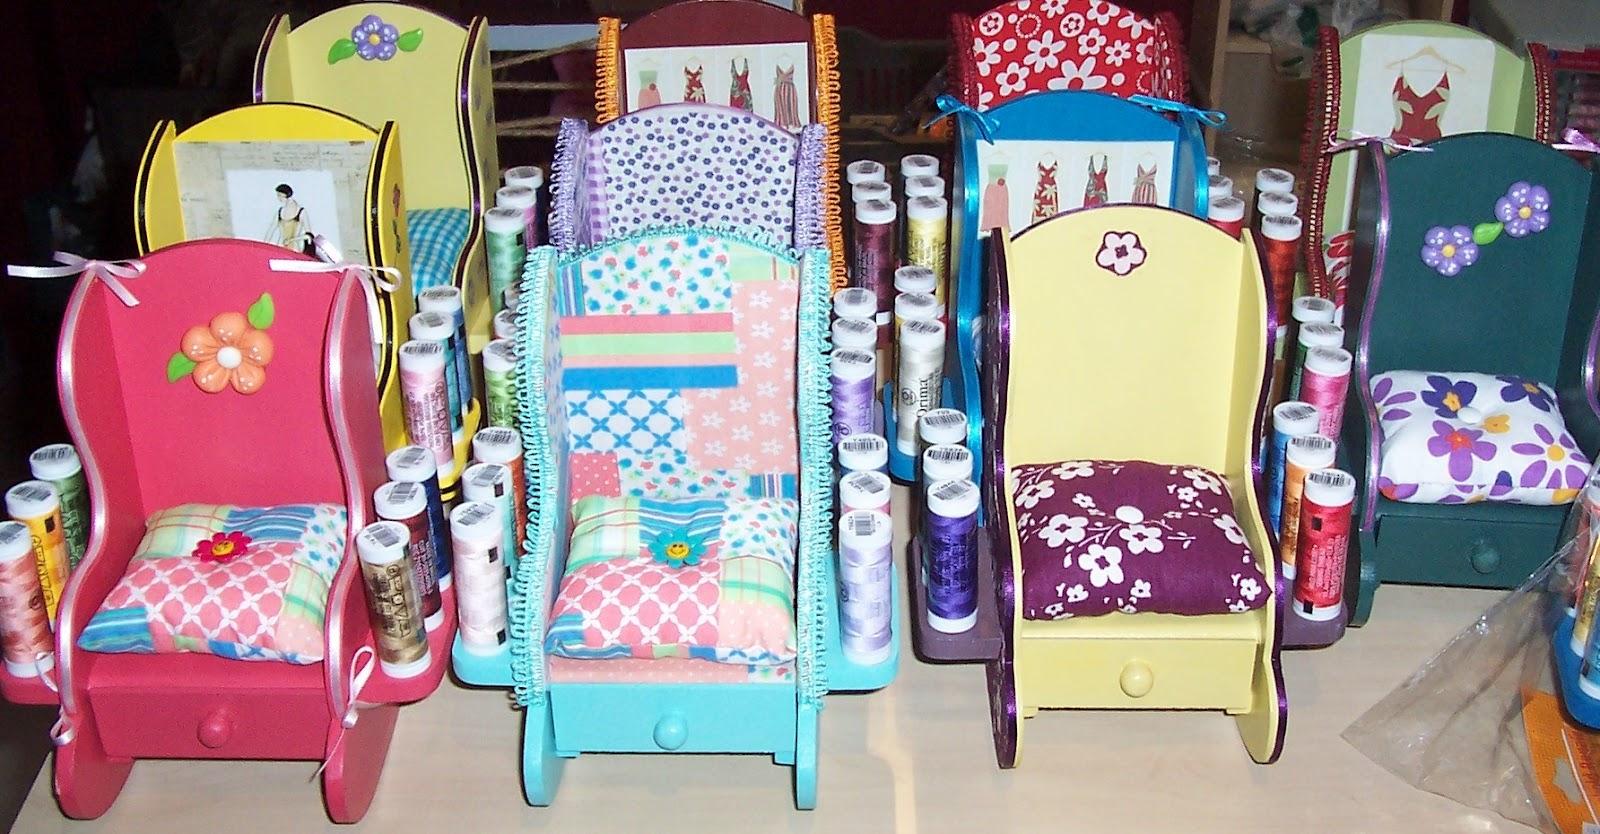 Oficina da Casa: Kit de Costura Cadeiras de Balanço em MDF #A72447 1600x834